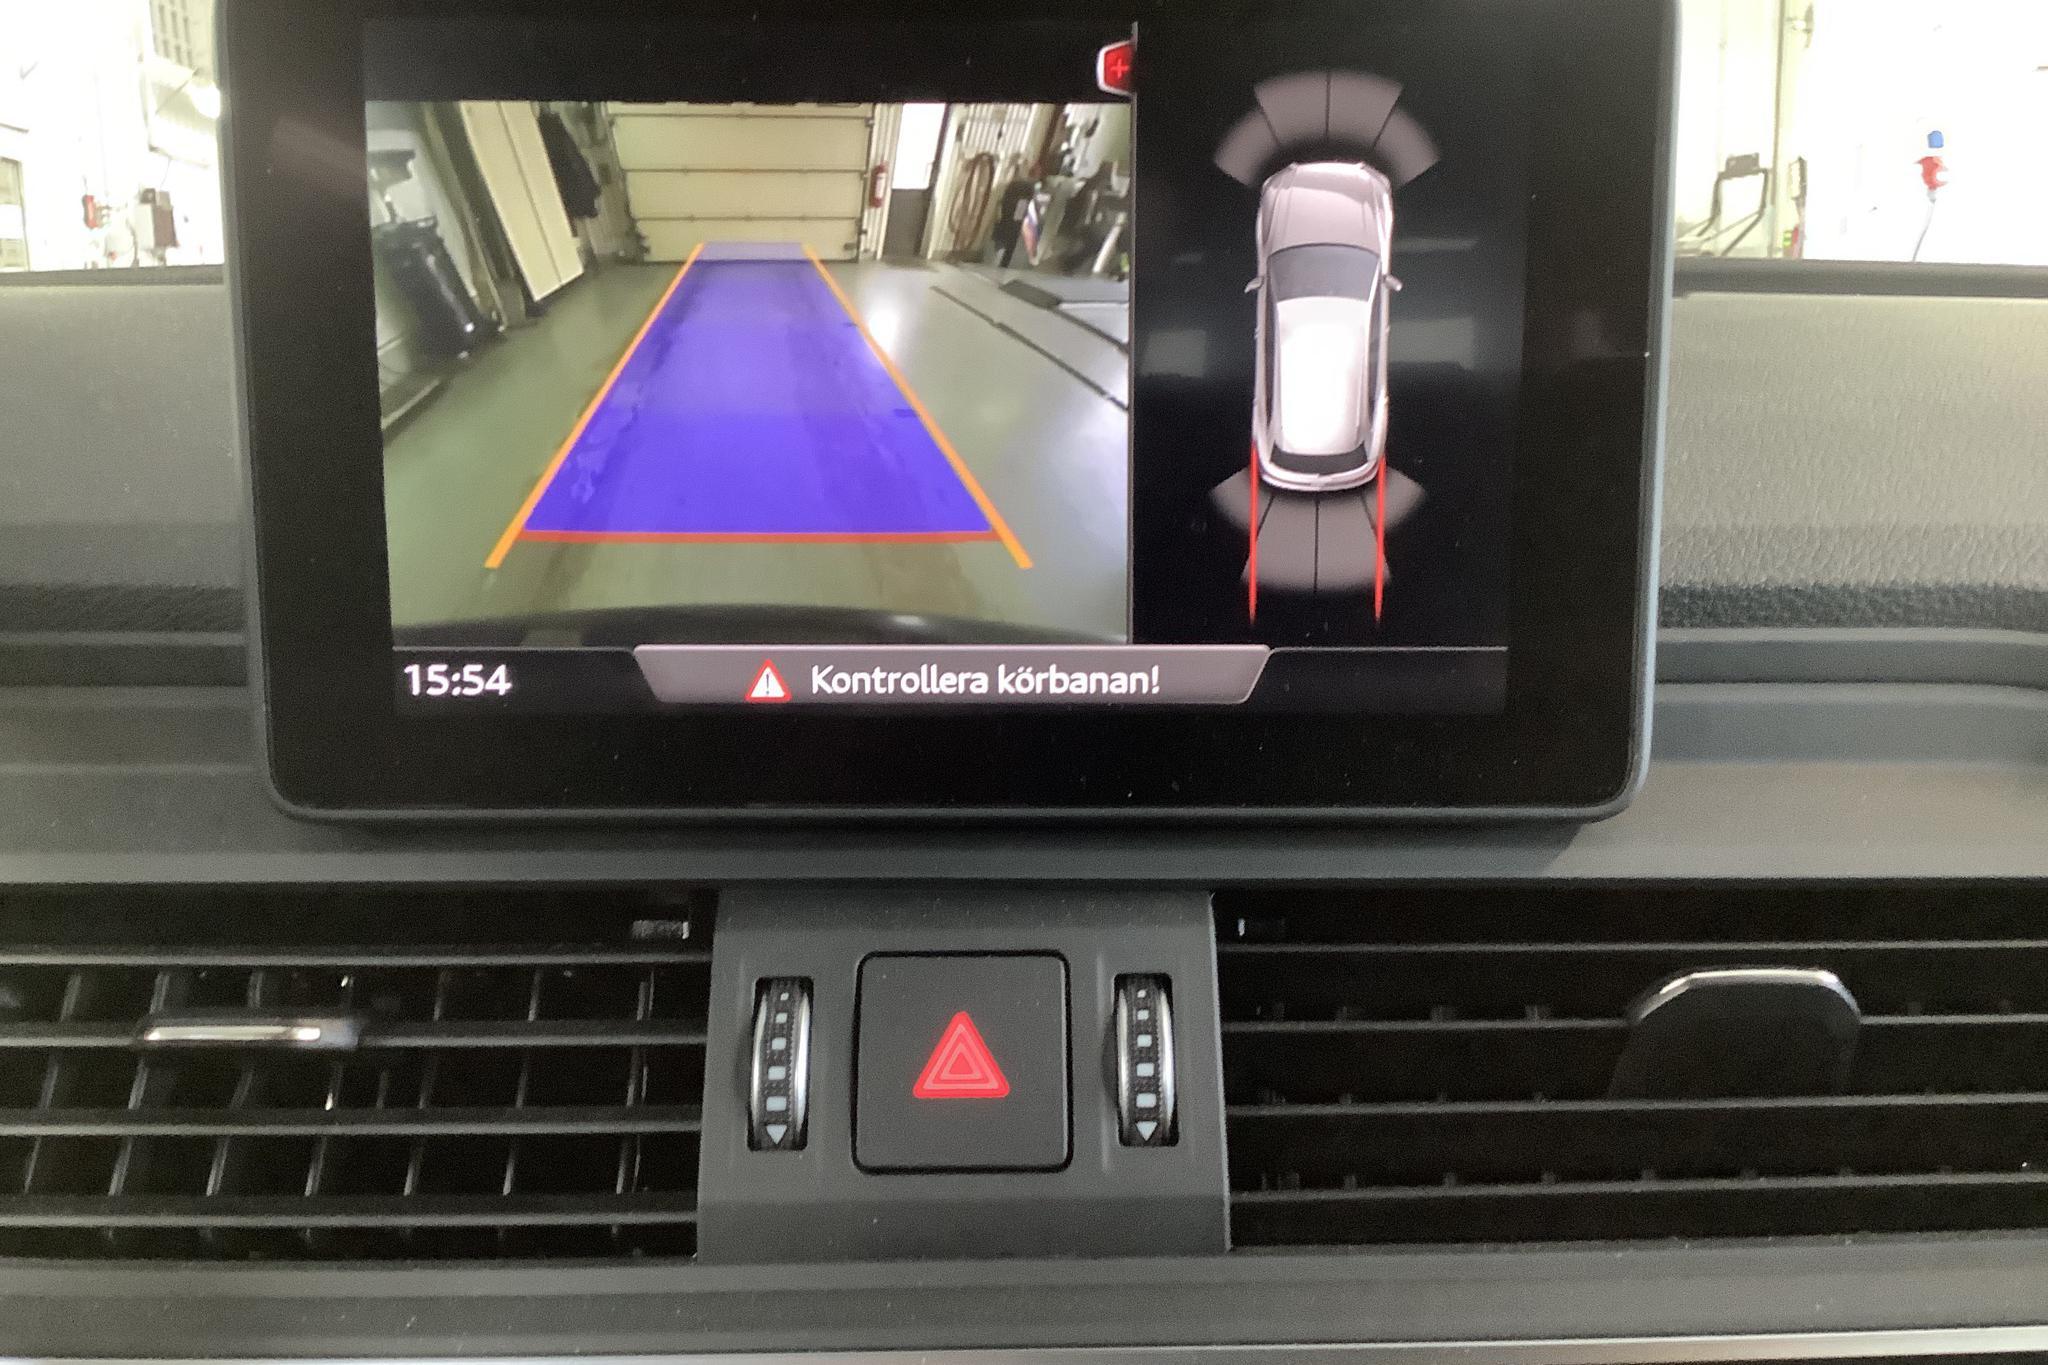 Audi Q5 2.0 TFSI quattro (252hk) - 3 913 mil - Automat - svart - 2018